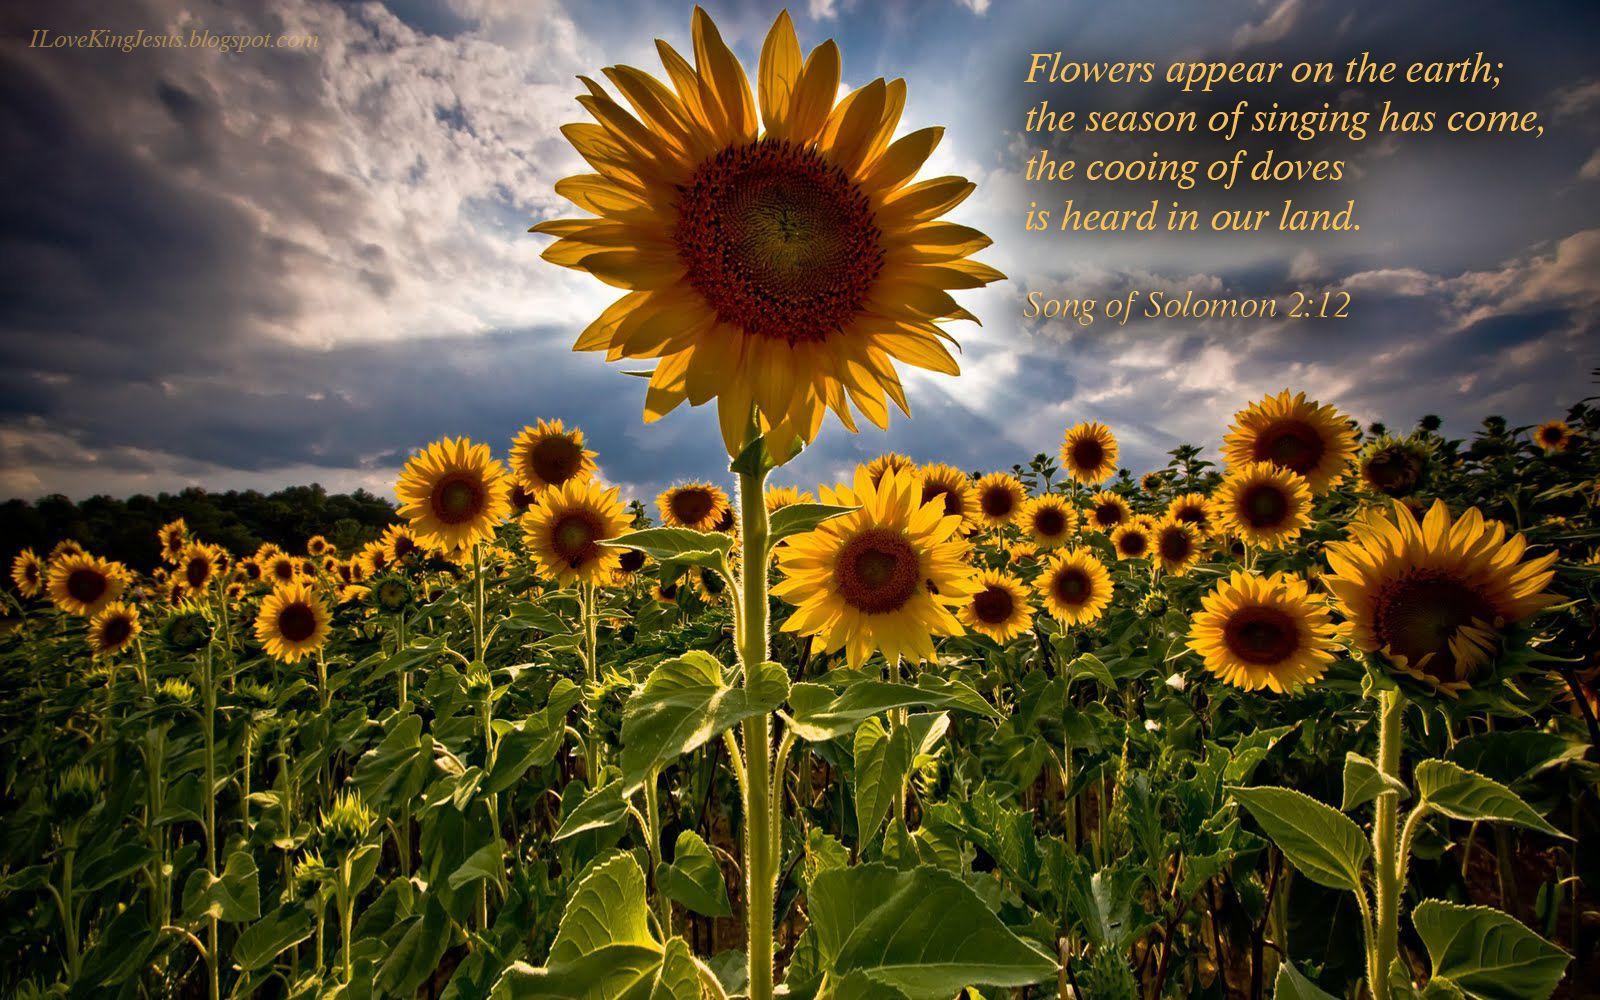 Hd Bible Verse Desktop Wallpapers Sunflower Fields Sunflower Wallpaper Flower Background Images